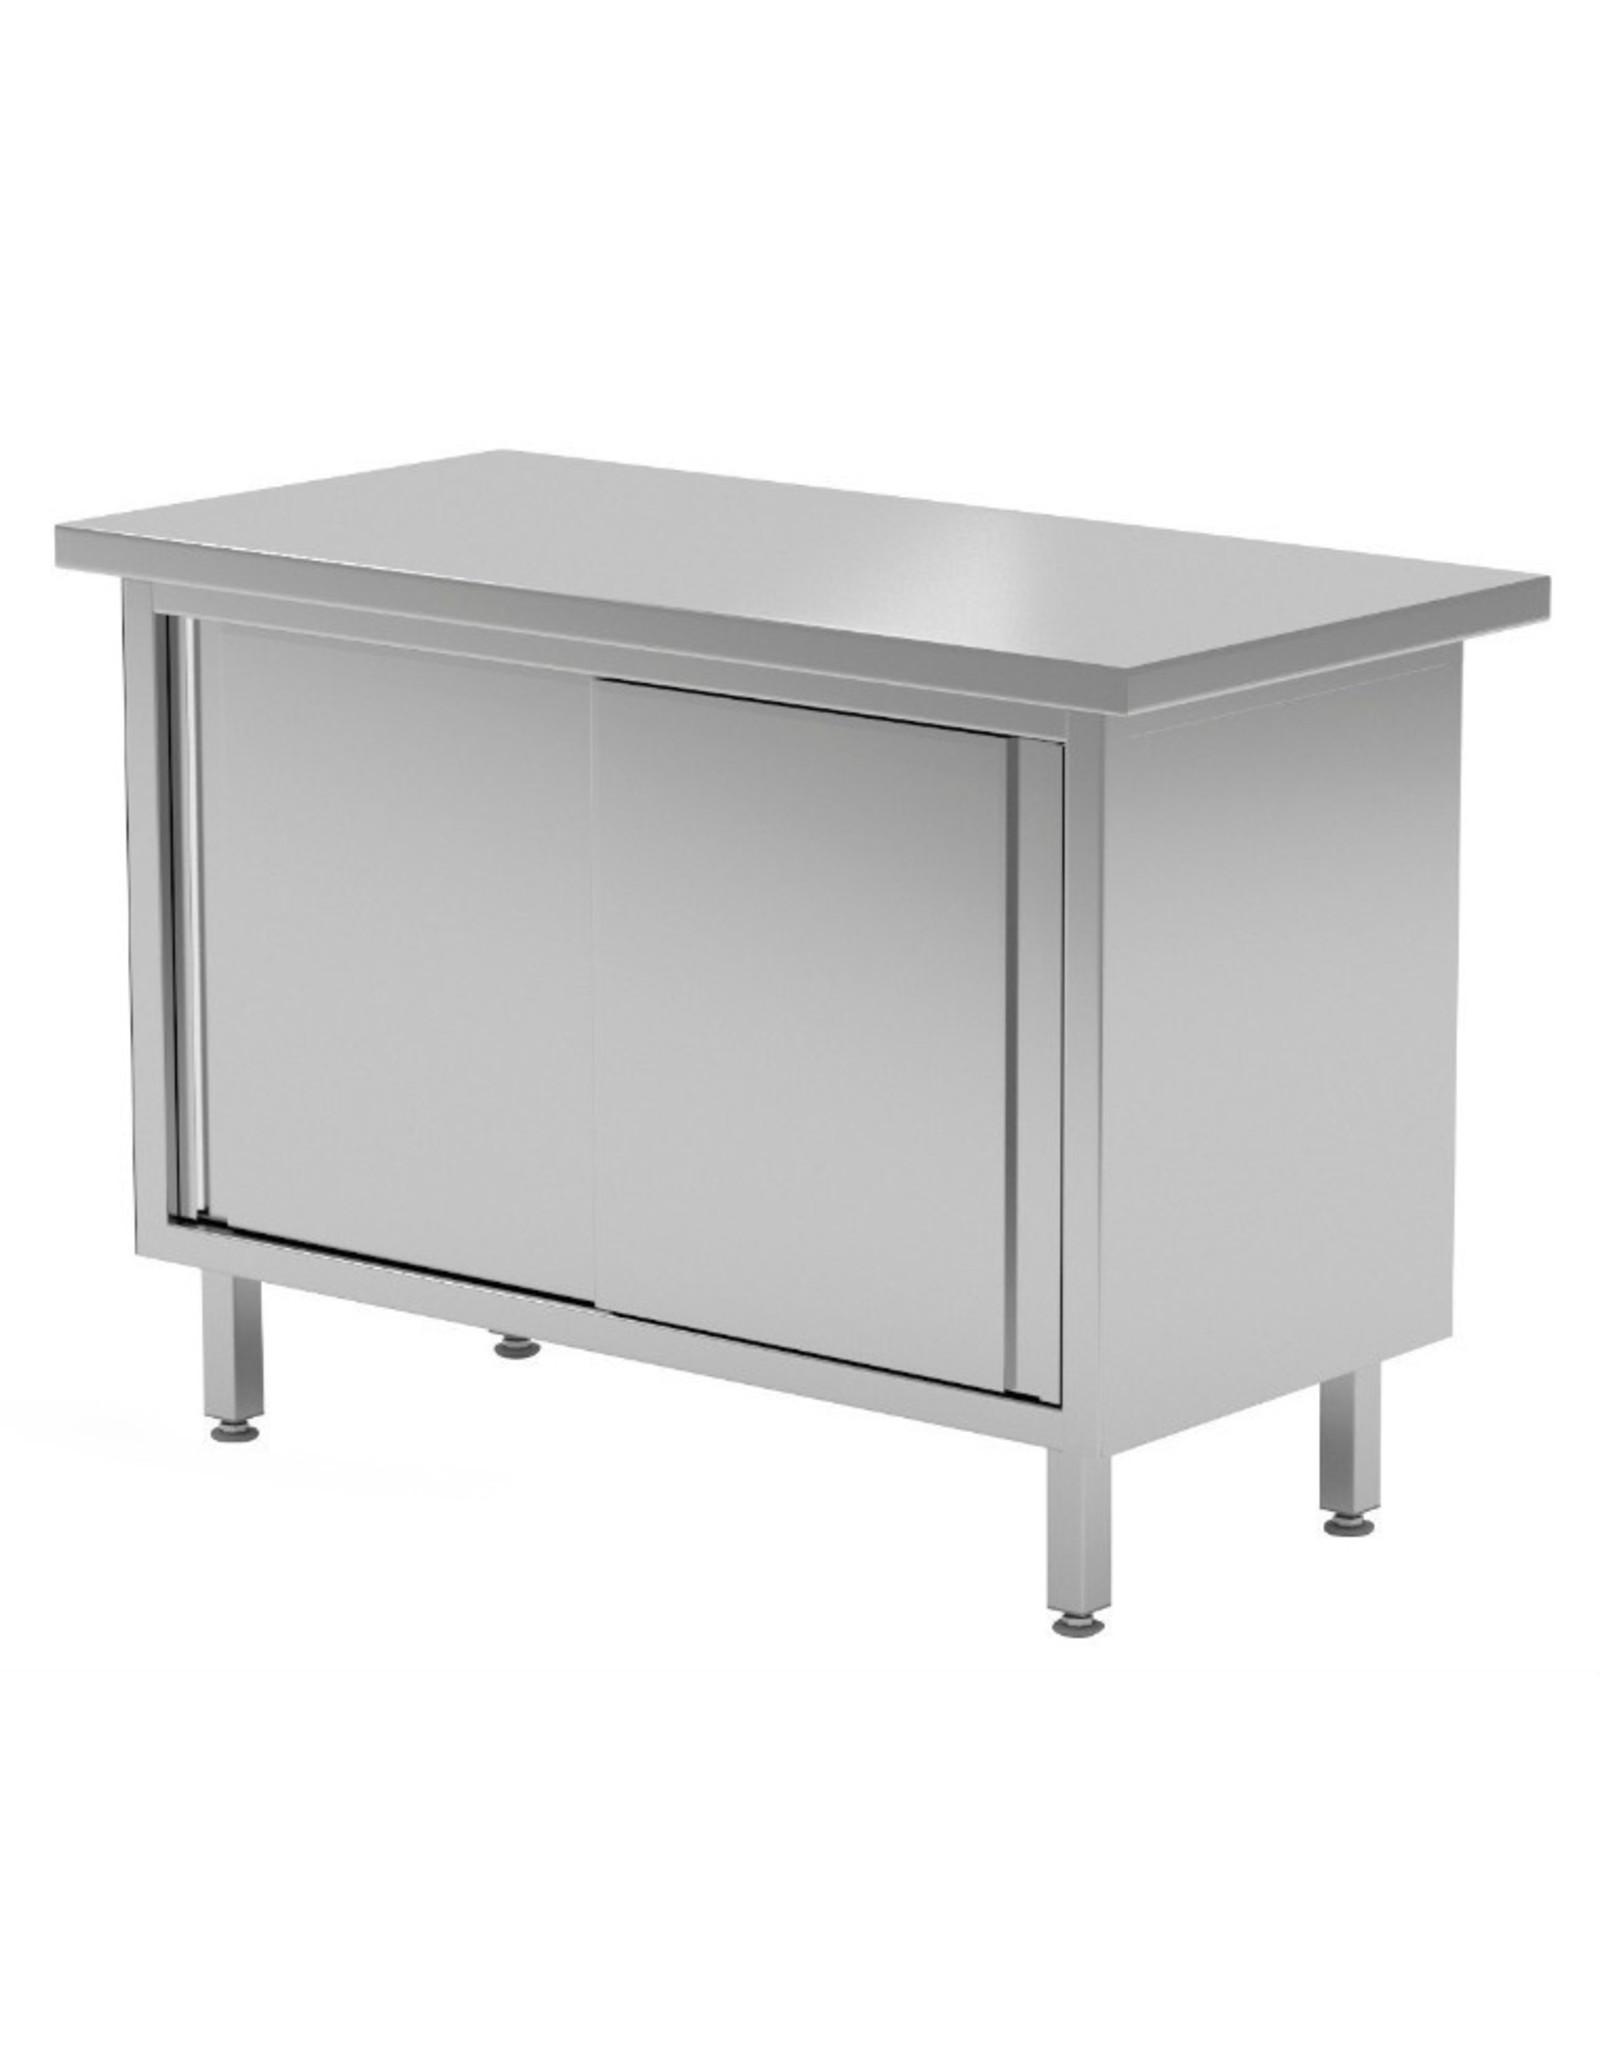 Centrale werktafel met schuifdeuren aan 2 zijdes | 800-1900mm breed | 600 of 700mm diep